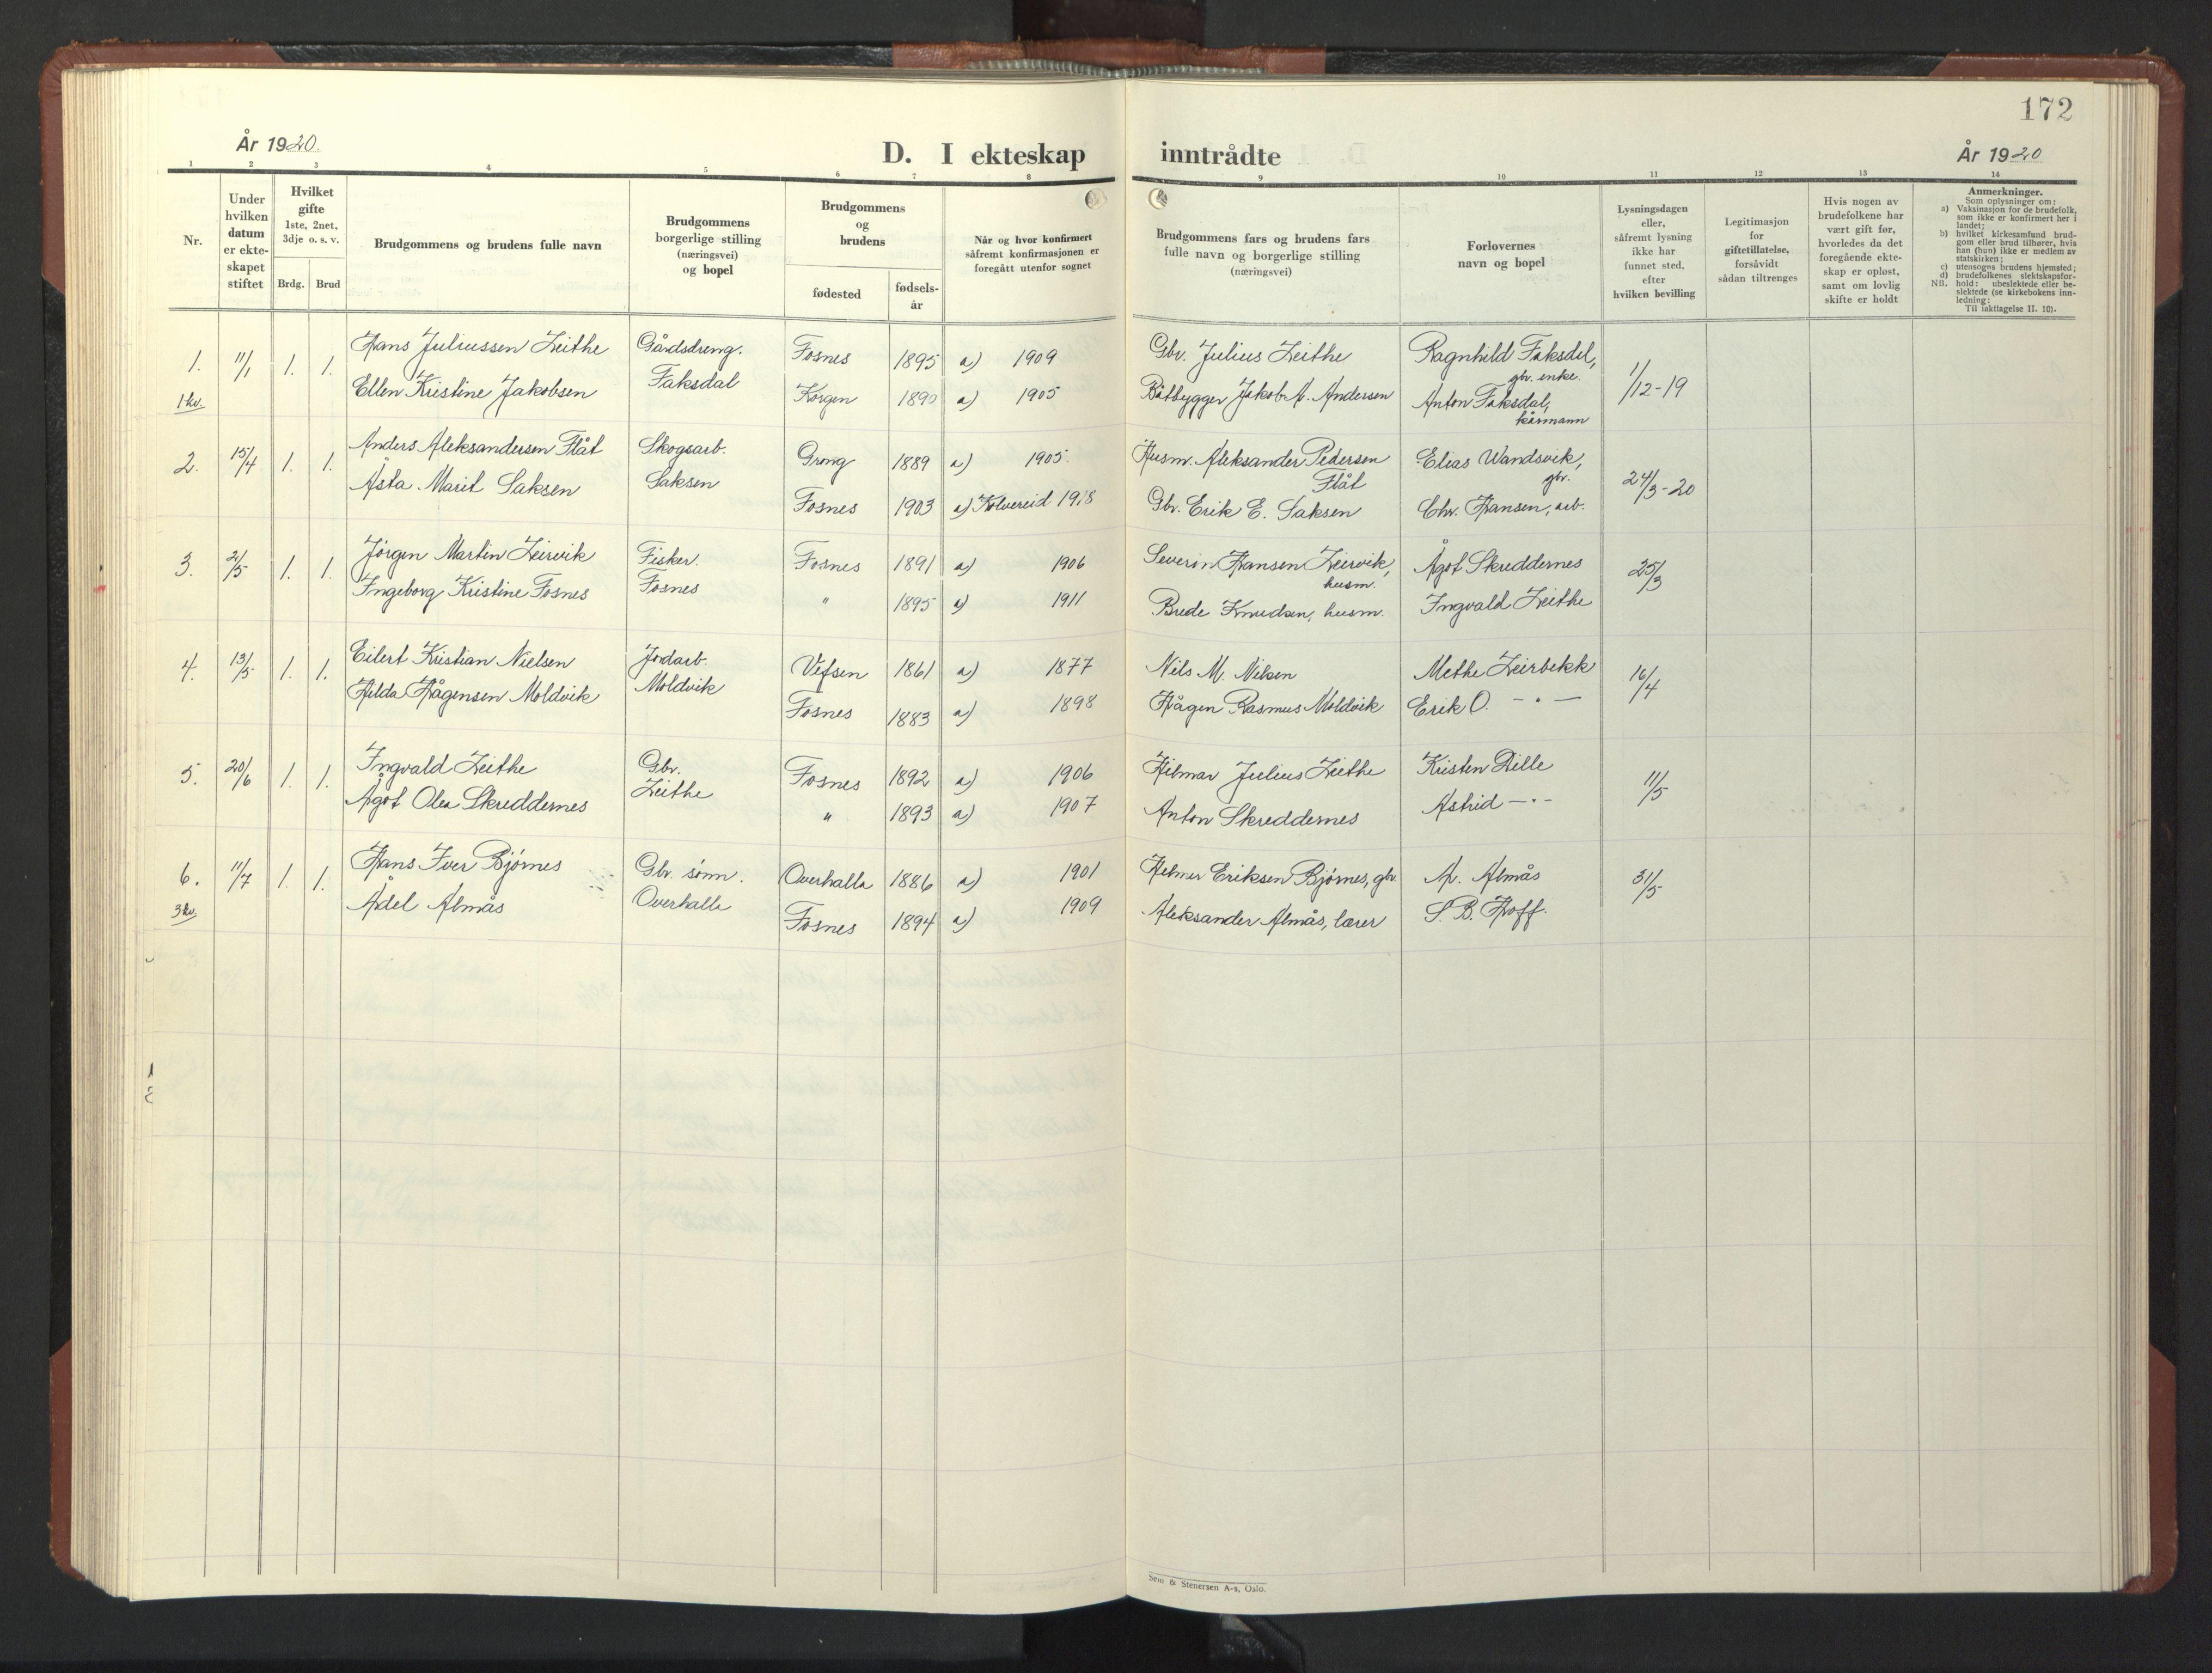 SAT, Ministerialprotokoller, klokkerbøker og fødselsregistre - Nord-Trøndelag, 773/L0625: Klokkerbok nr. 773C01, 1910-1952, s. 172